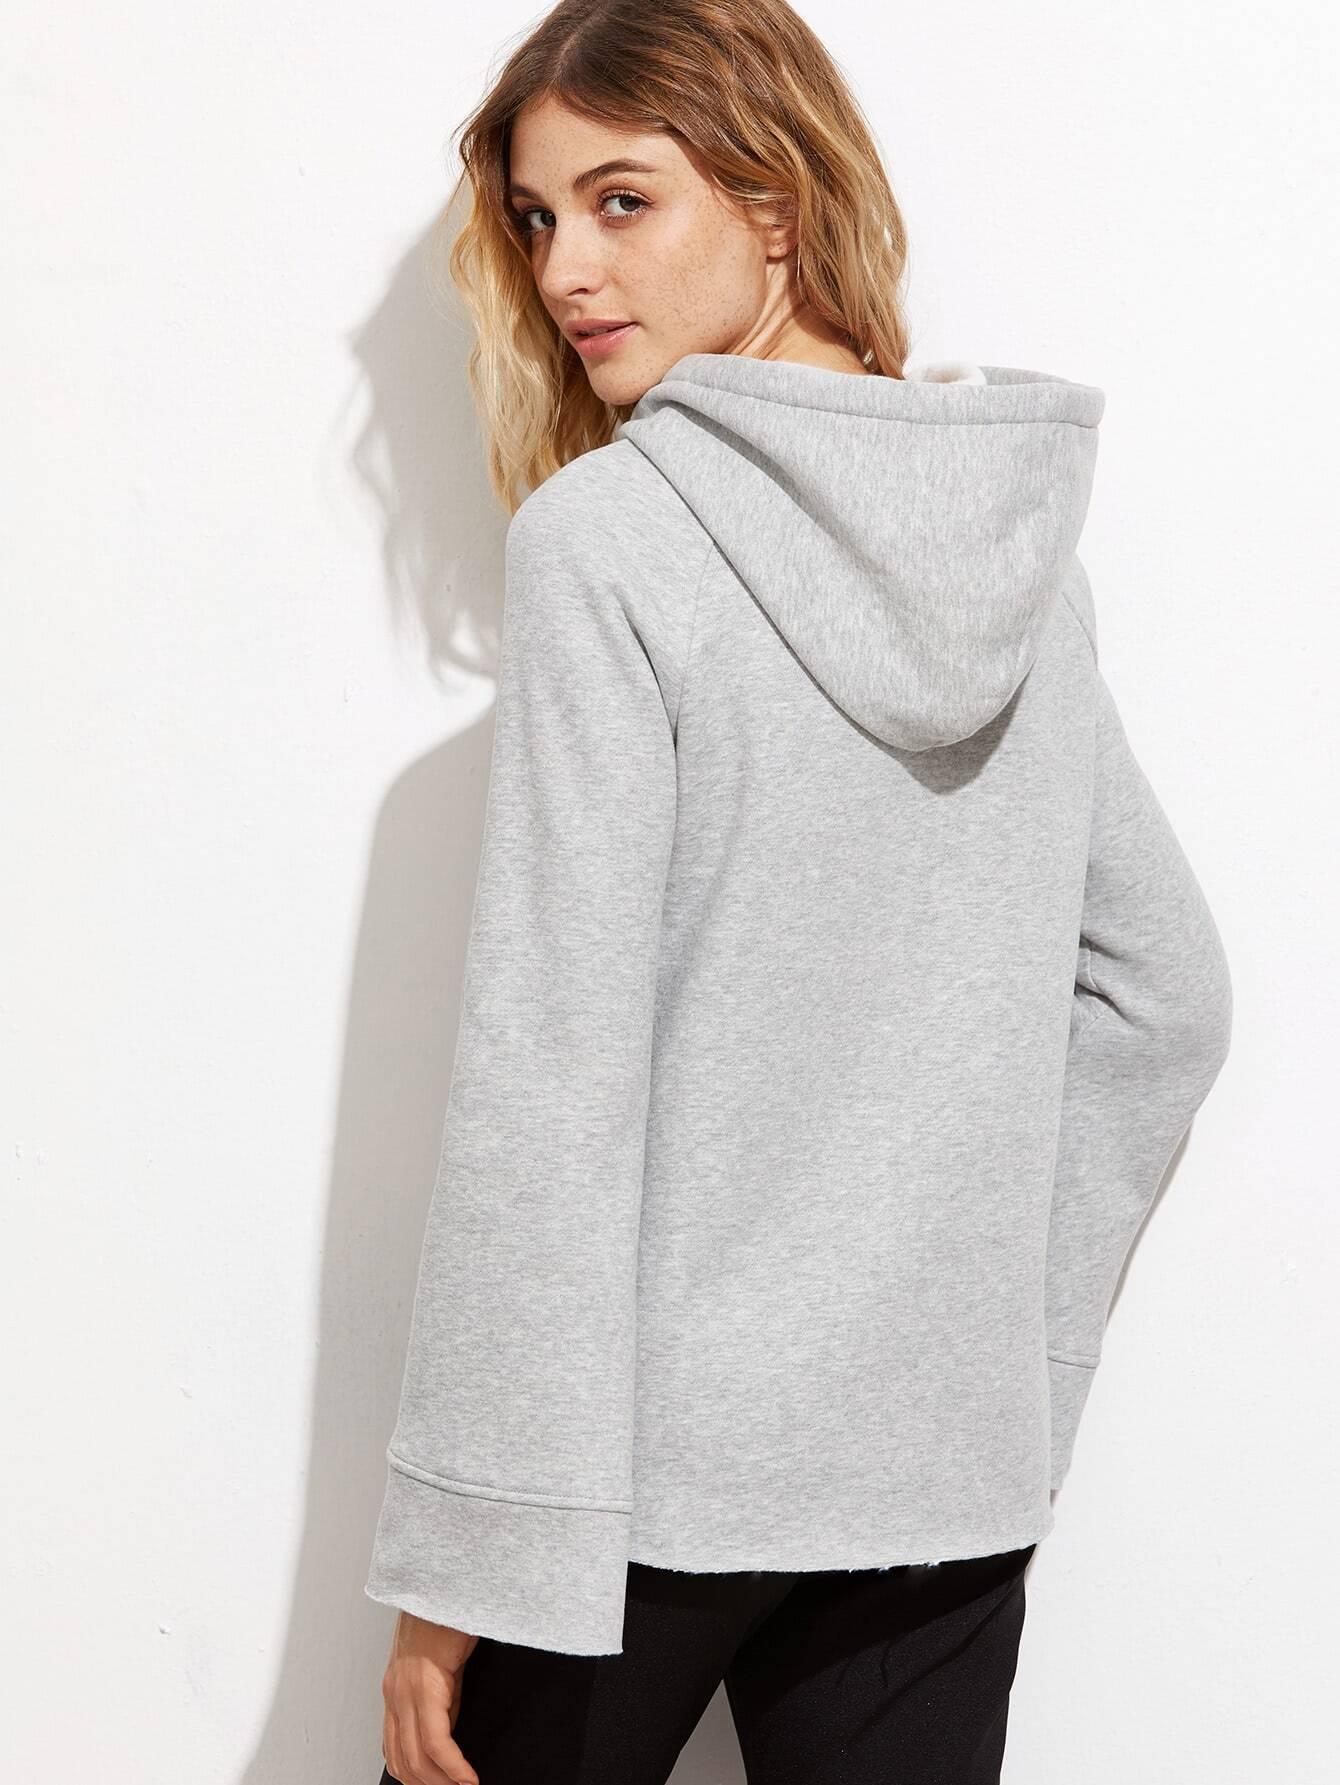 sweatshirt161017704_2